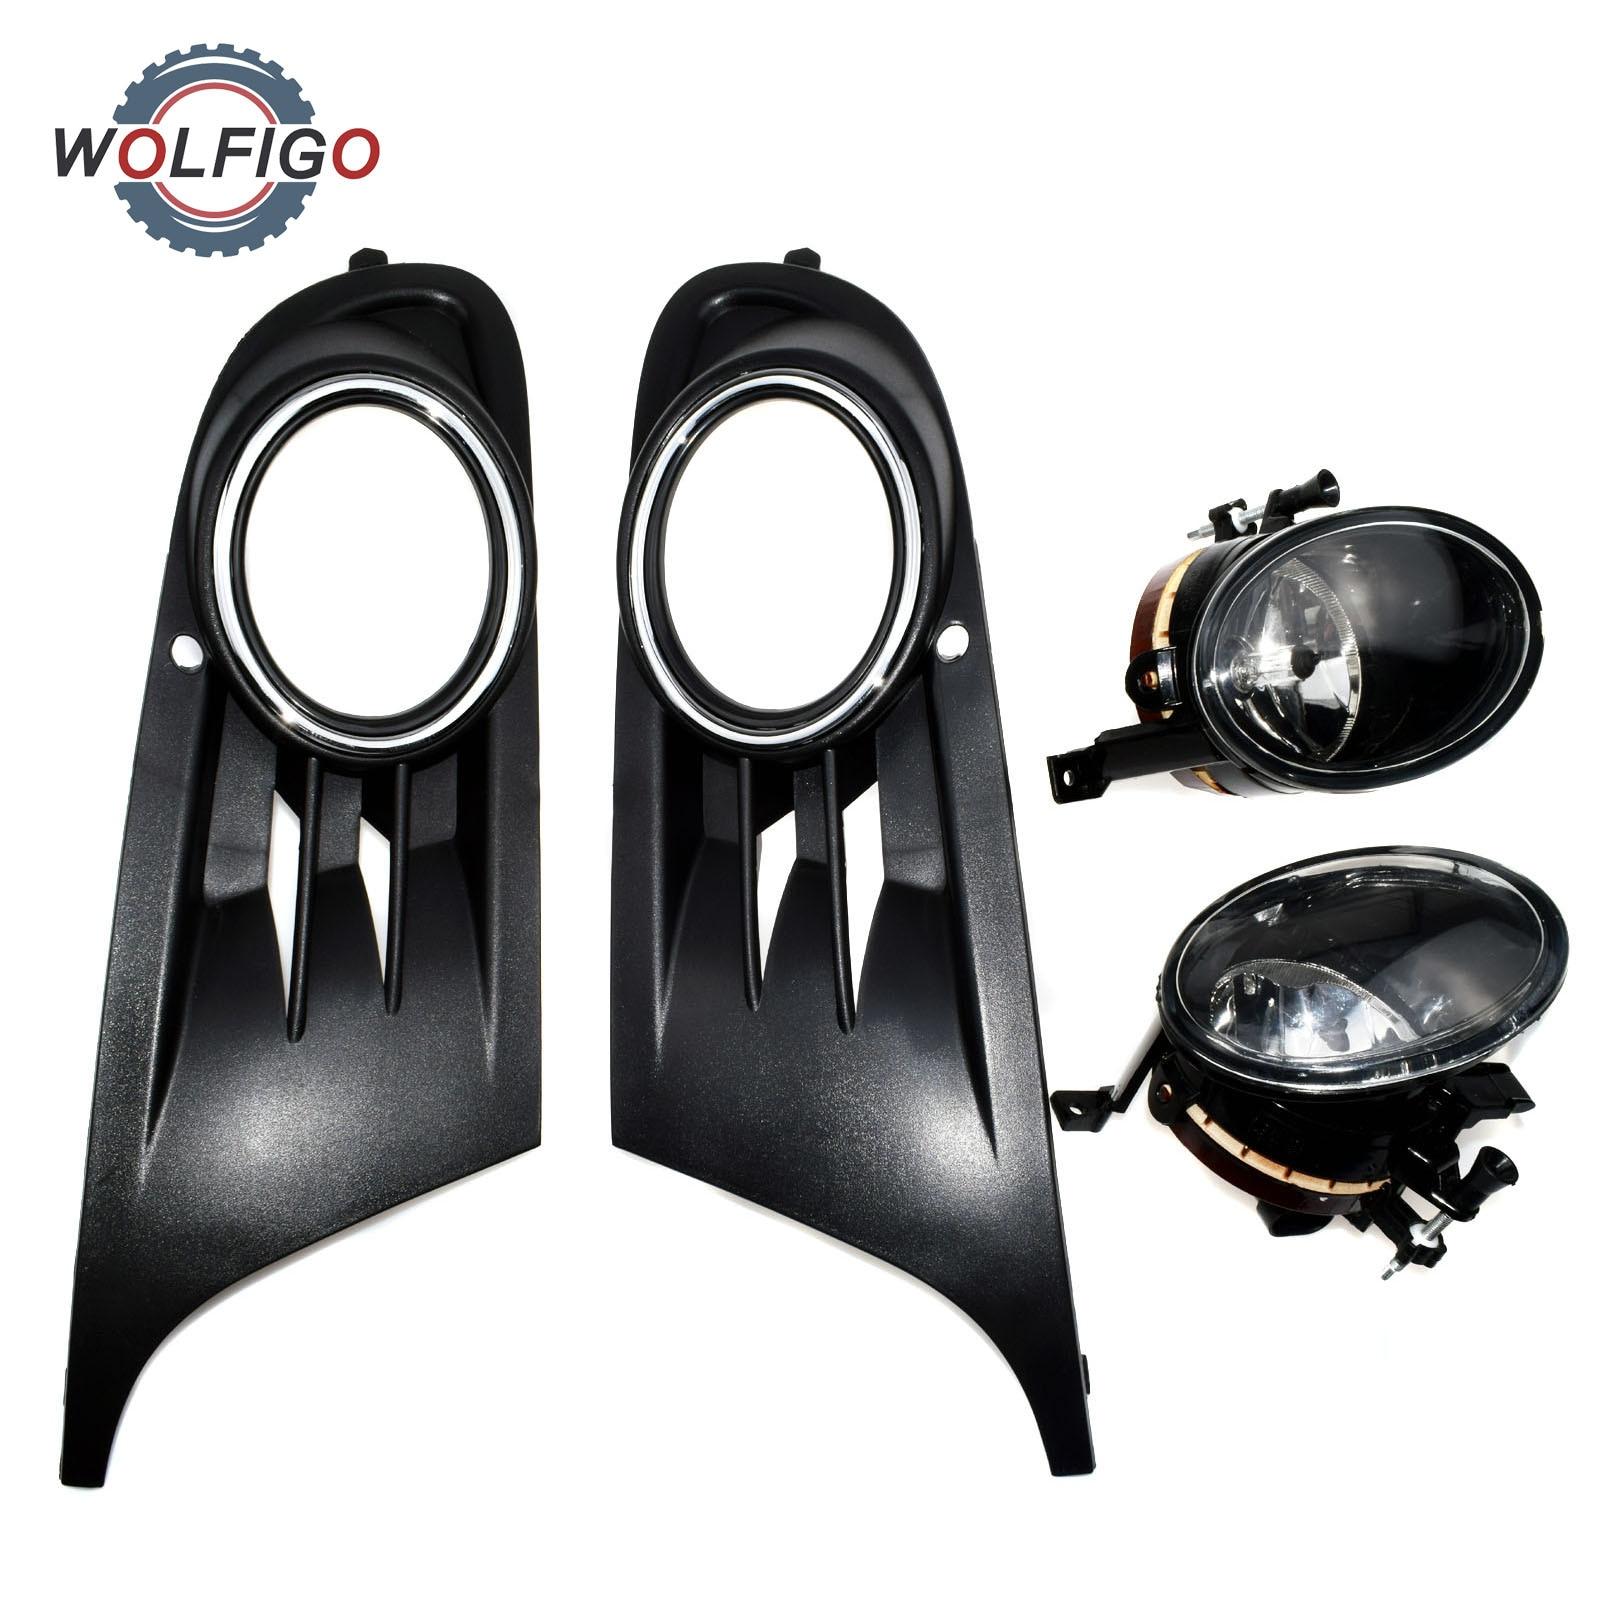 WOLFIGO New Front Left Right Convex Lens Fog Light Fog Lamp Grill for VW Jetta Golf